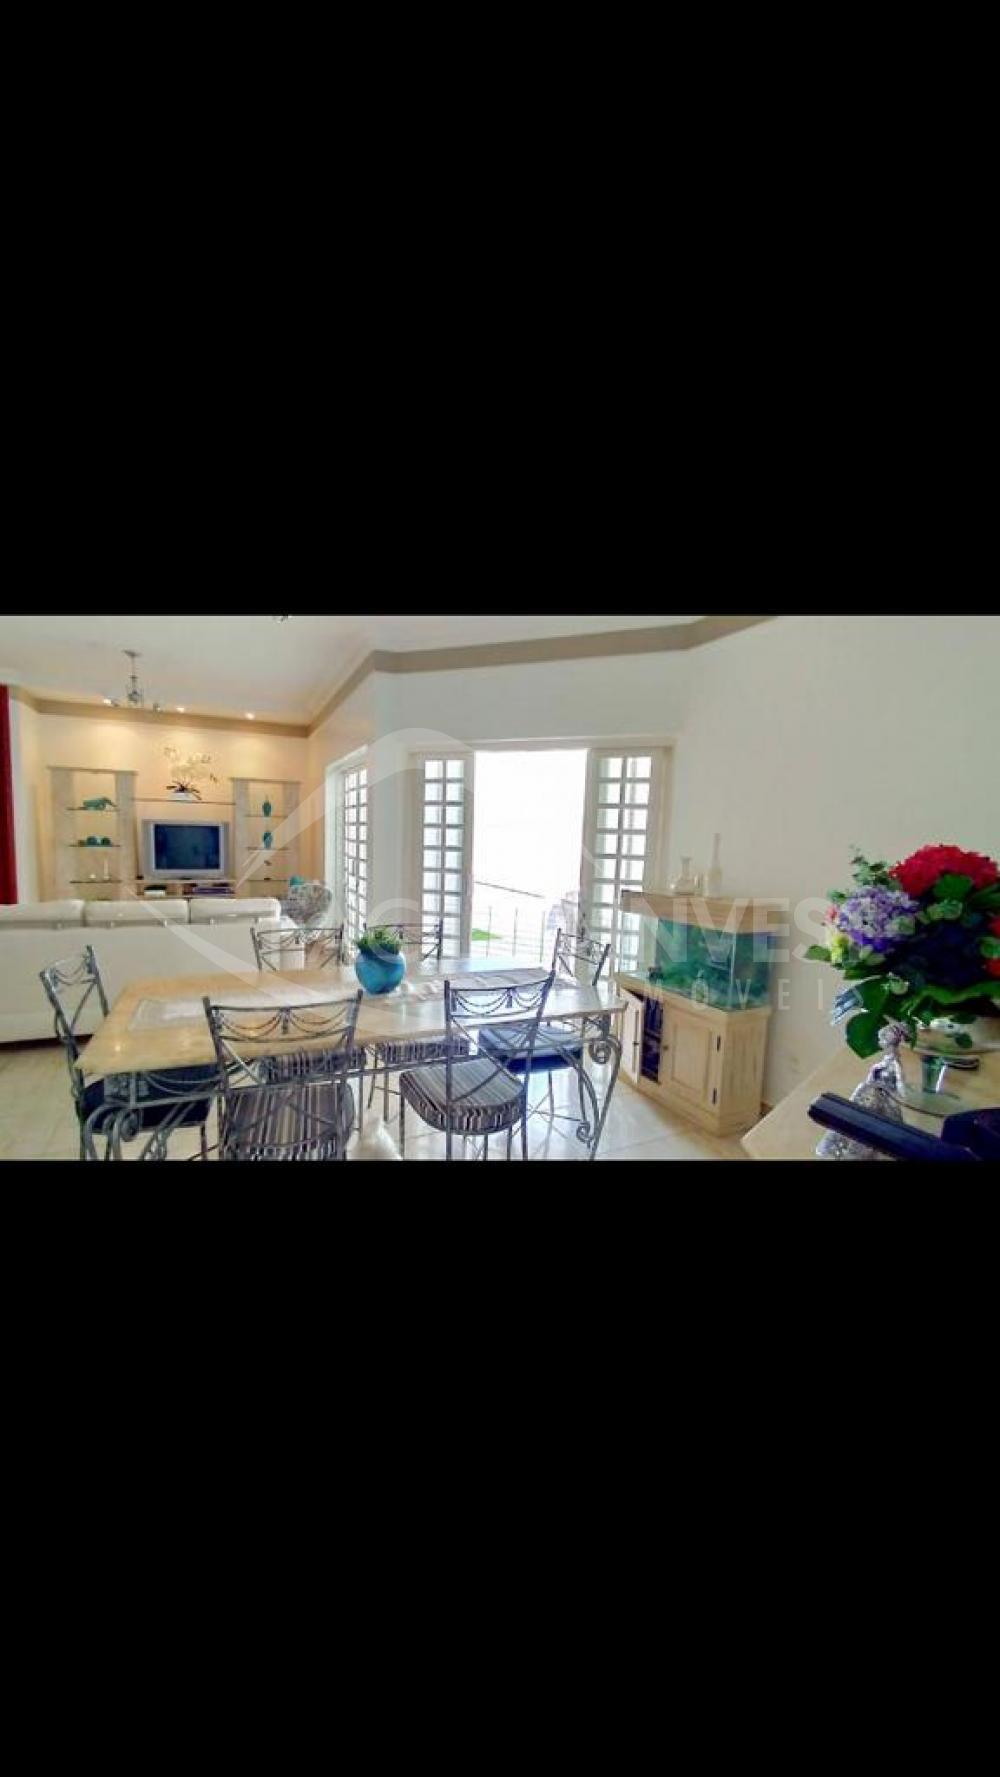 Comprar Casa Padrão / Casa Padrão em Ribeirão Preto apenas R$ 900.000,00 - Foto 2